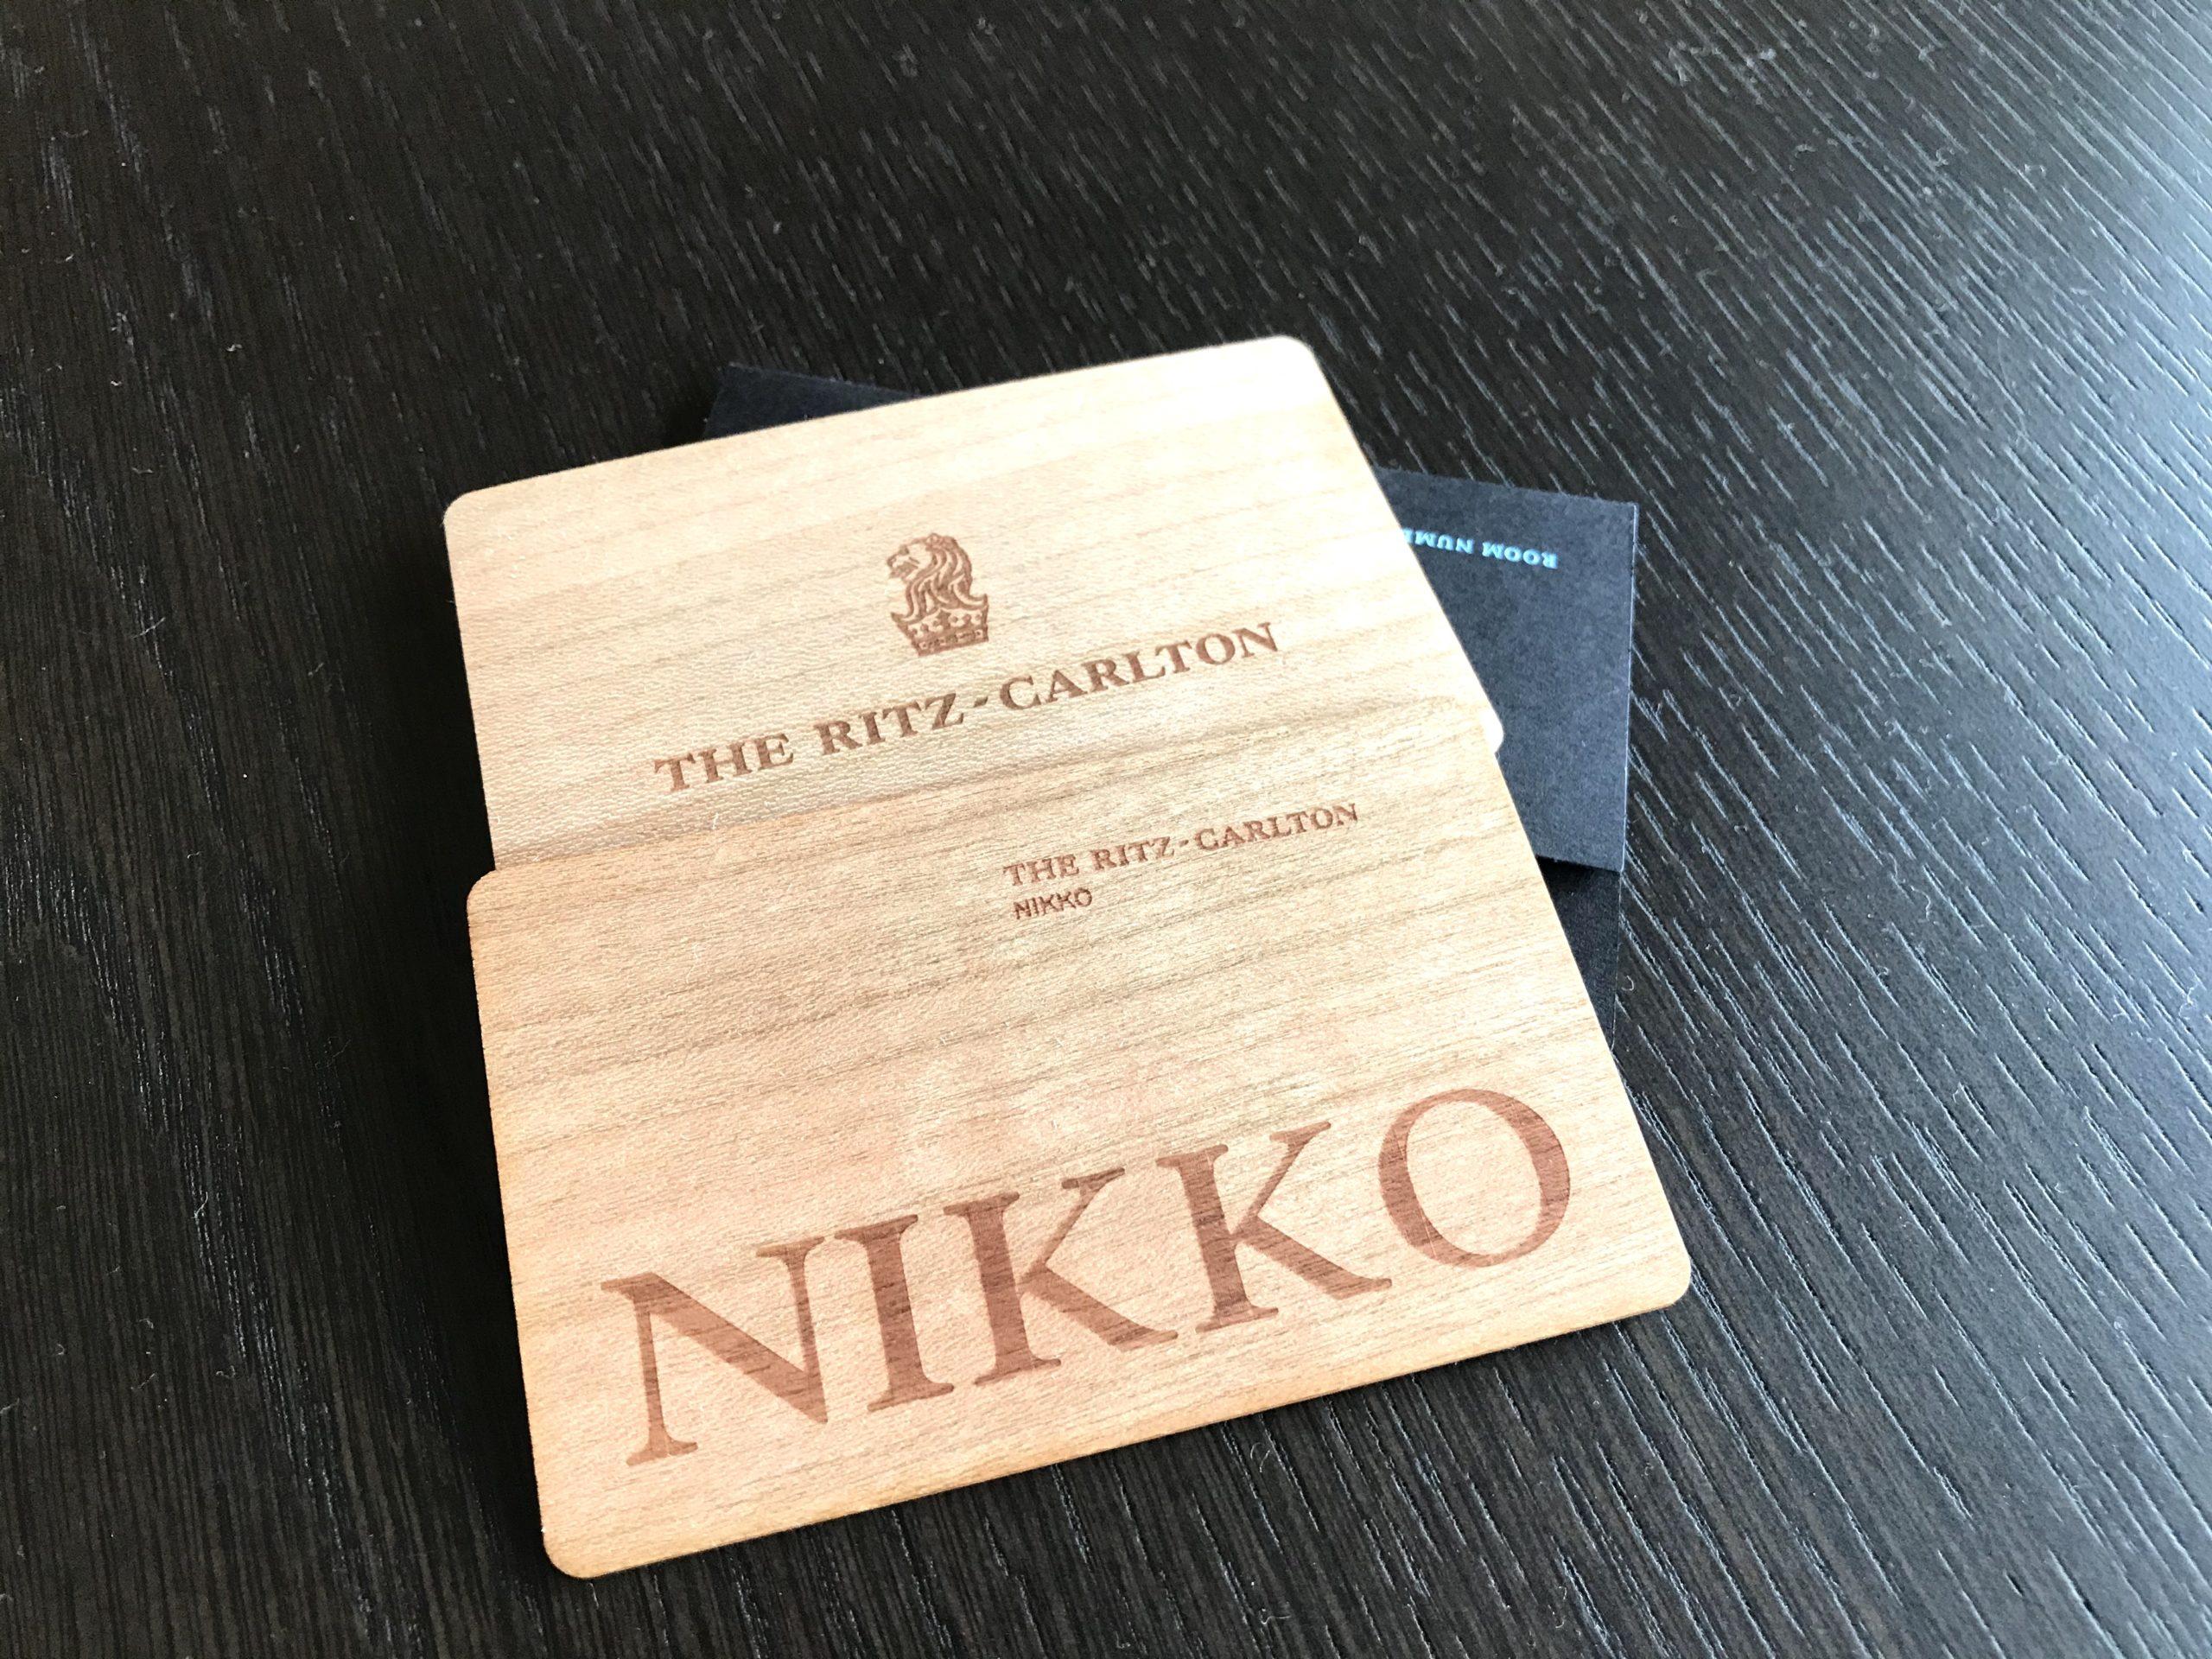 ザ・リッツ・カールトン日光カードキーの写真